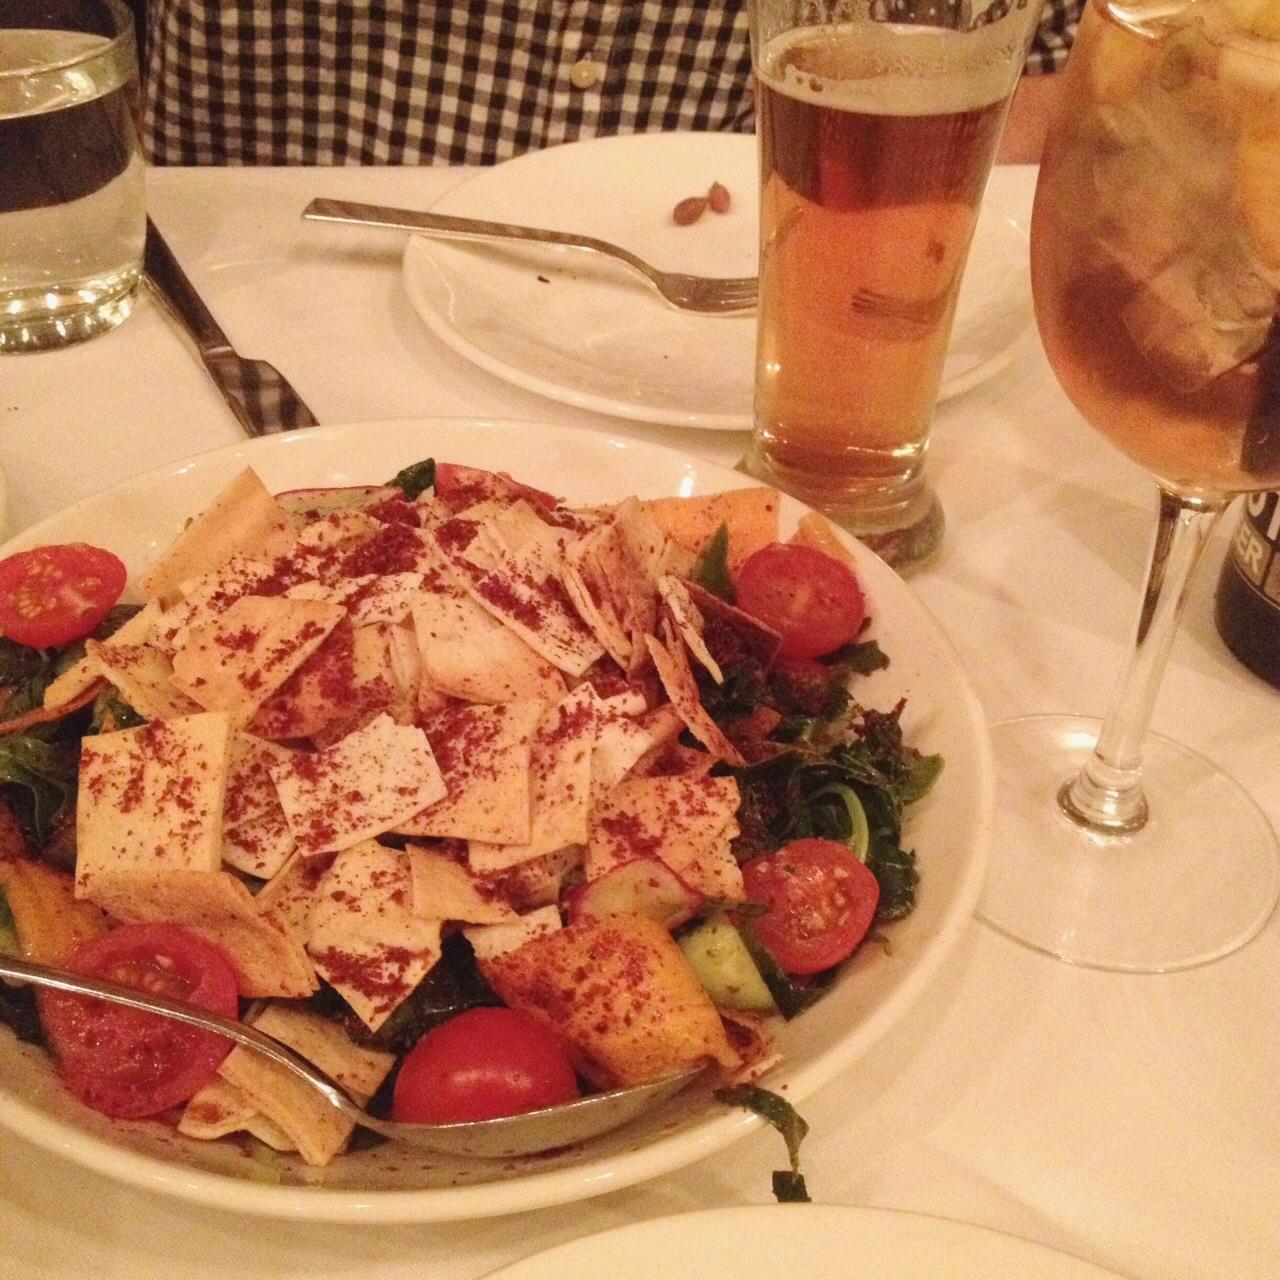 Kale Fattoush Salad, ilili Restaurant